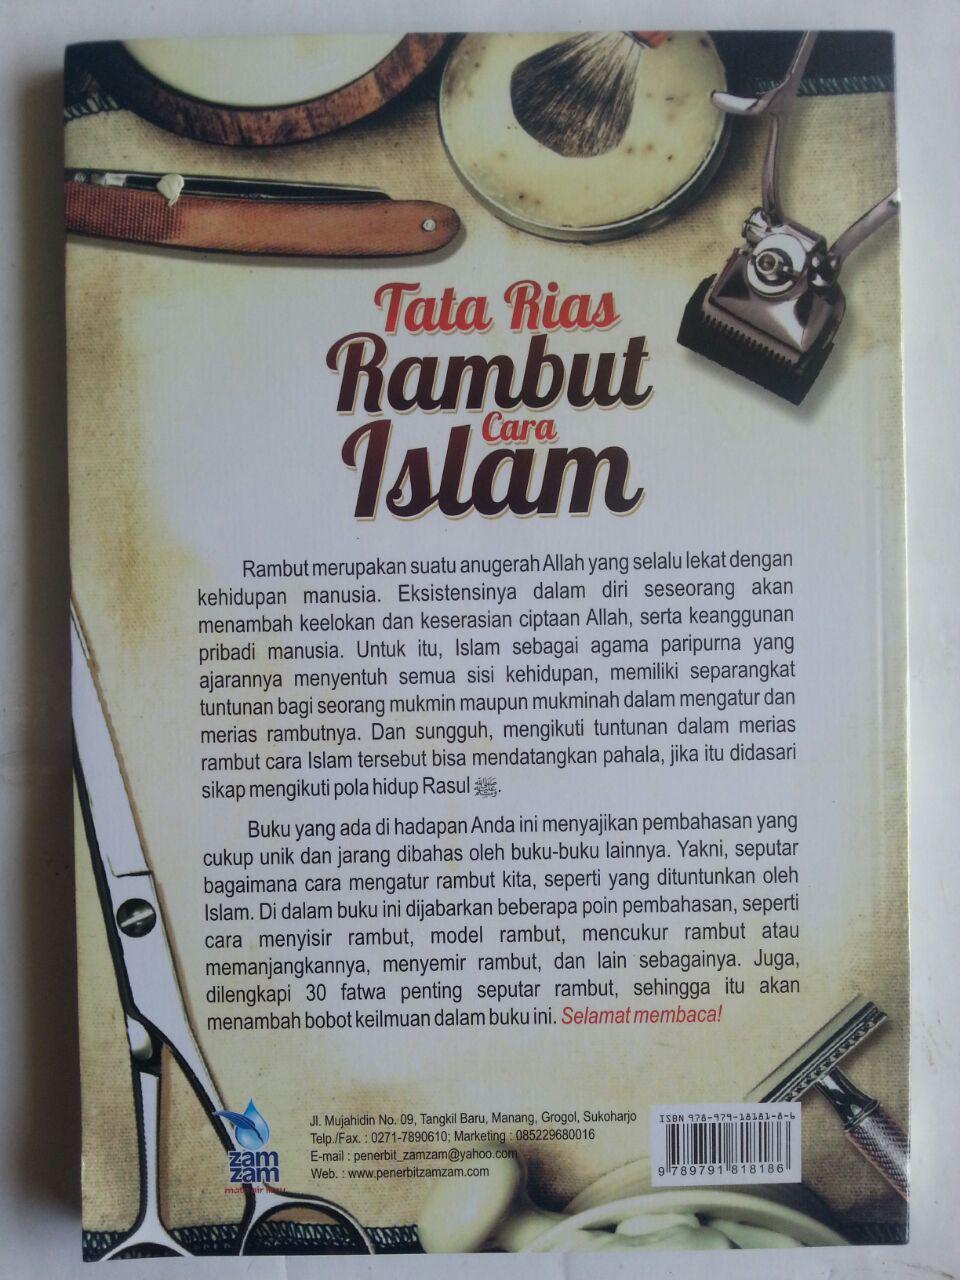 Buku Tata Rias Rambut Cara Islam cover